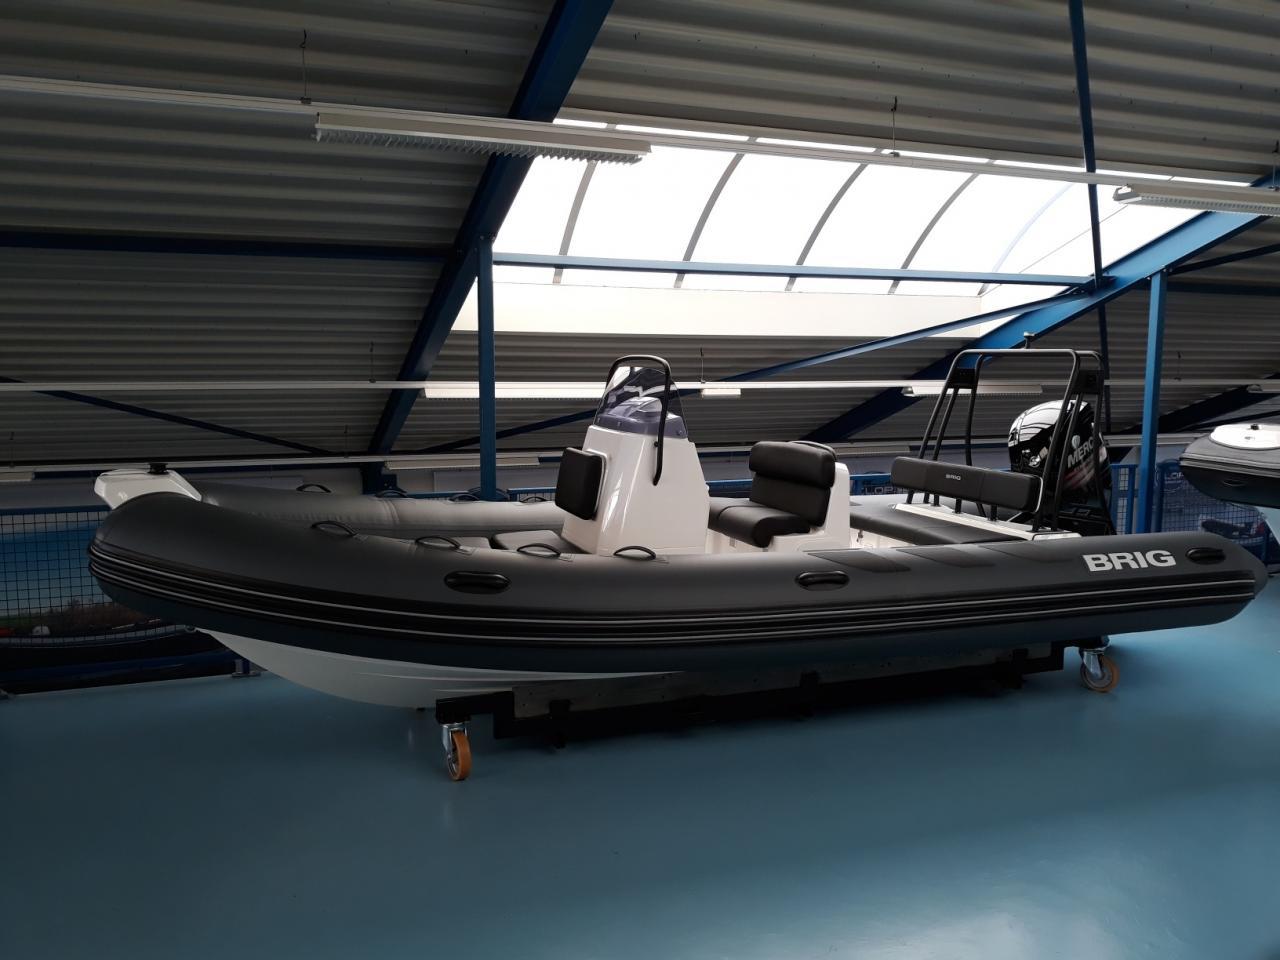 Brig 570 navigator rib 2